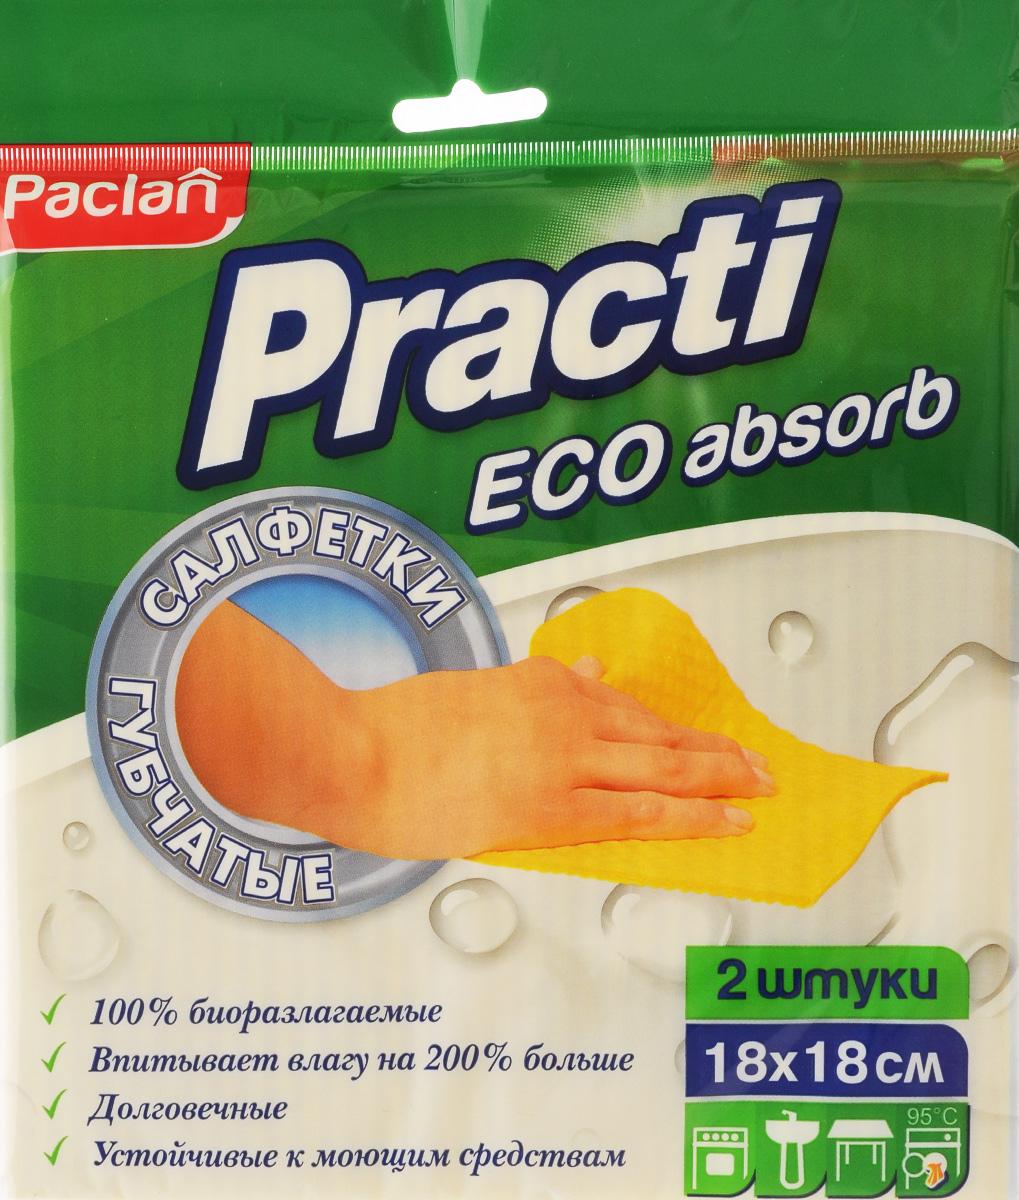 Набор салфеток для уборки Paclan Practi, губчатые, 18 х 18 см, 2 шт цена